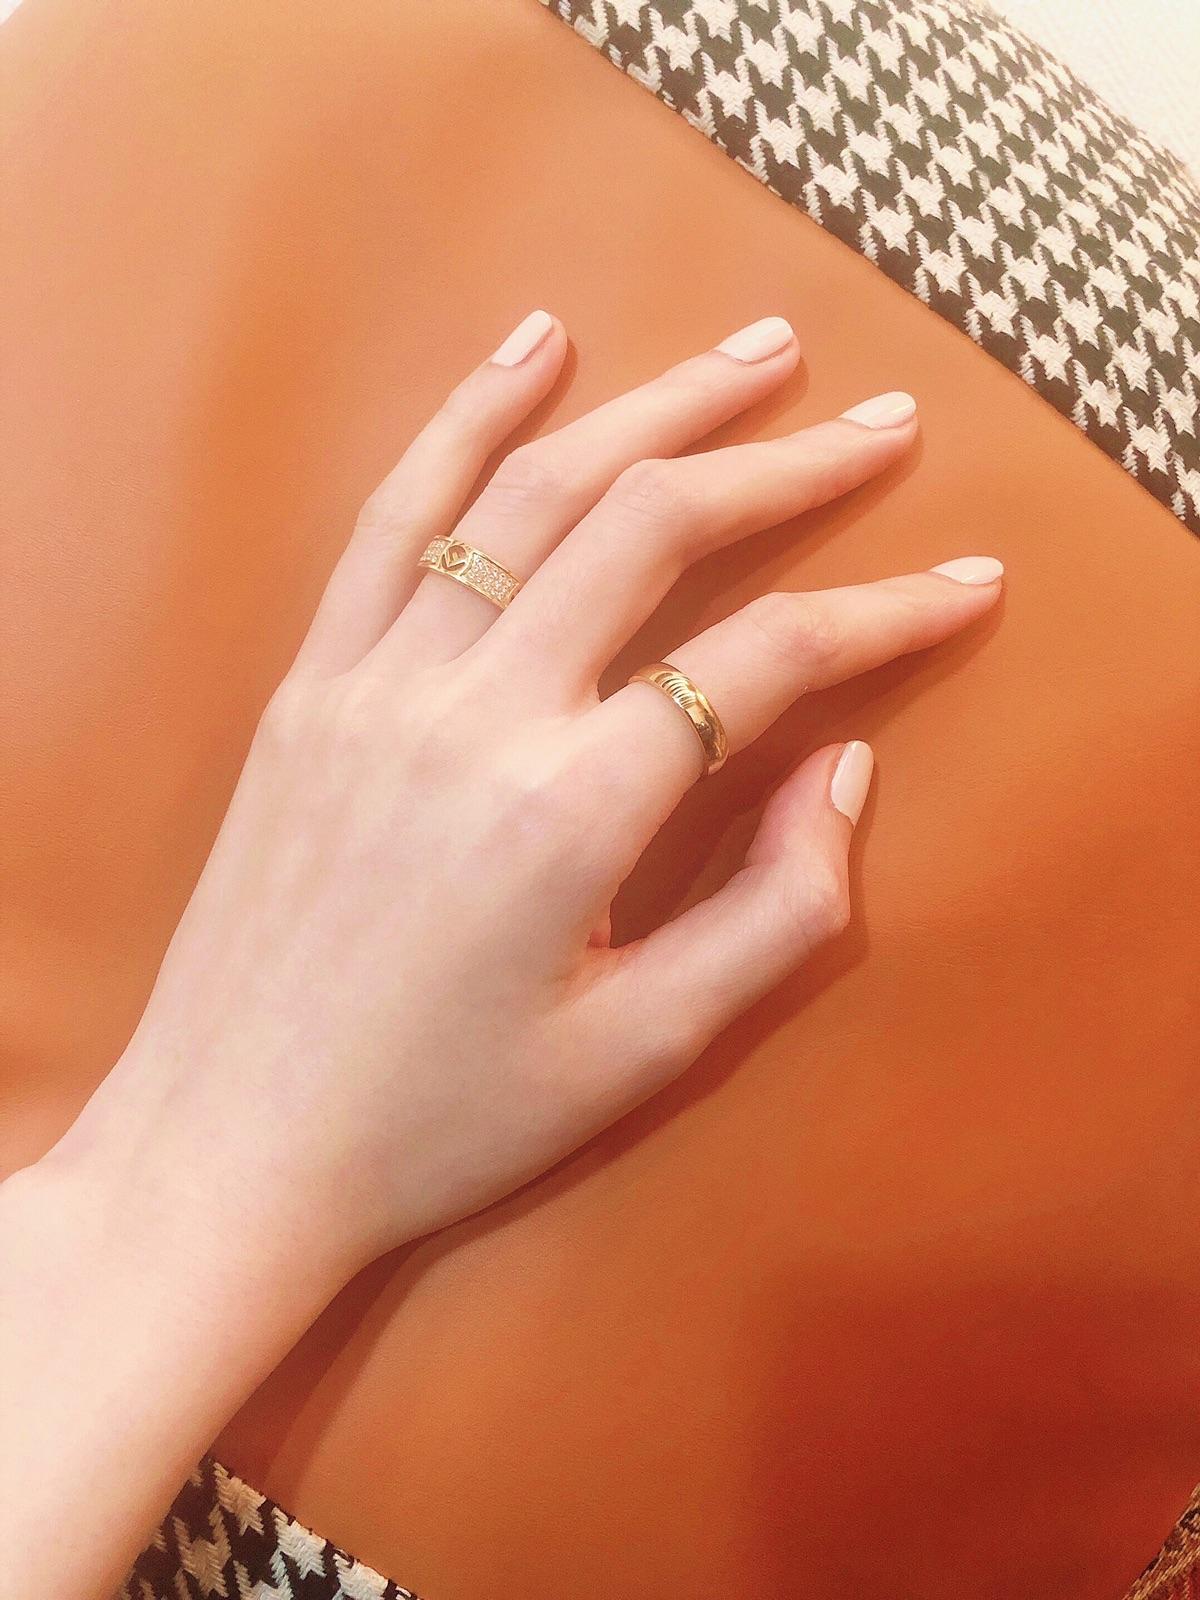 感觉应该认真给大家推荐一下这个神仙指甲油